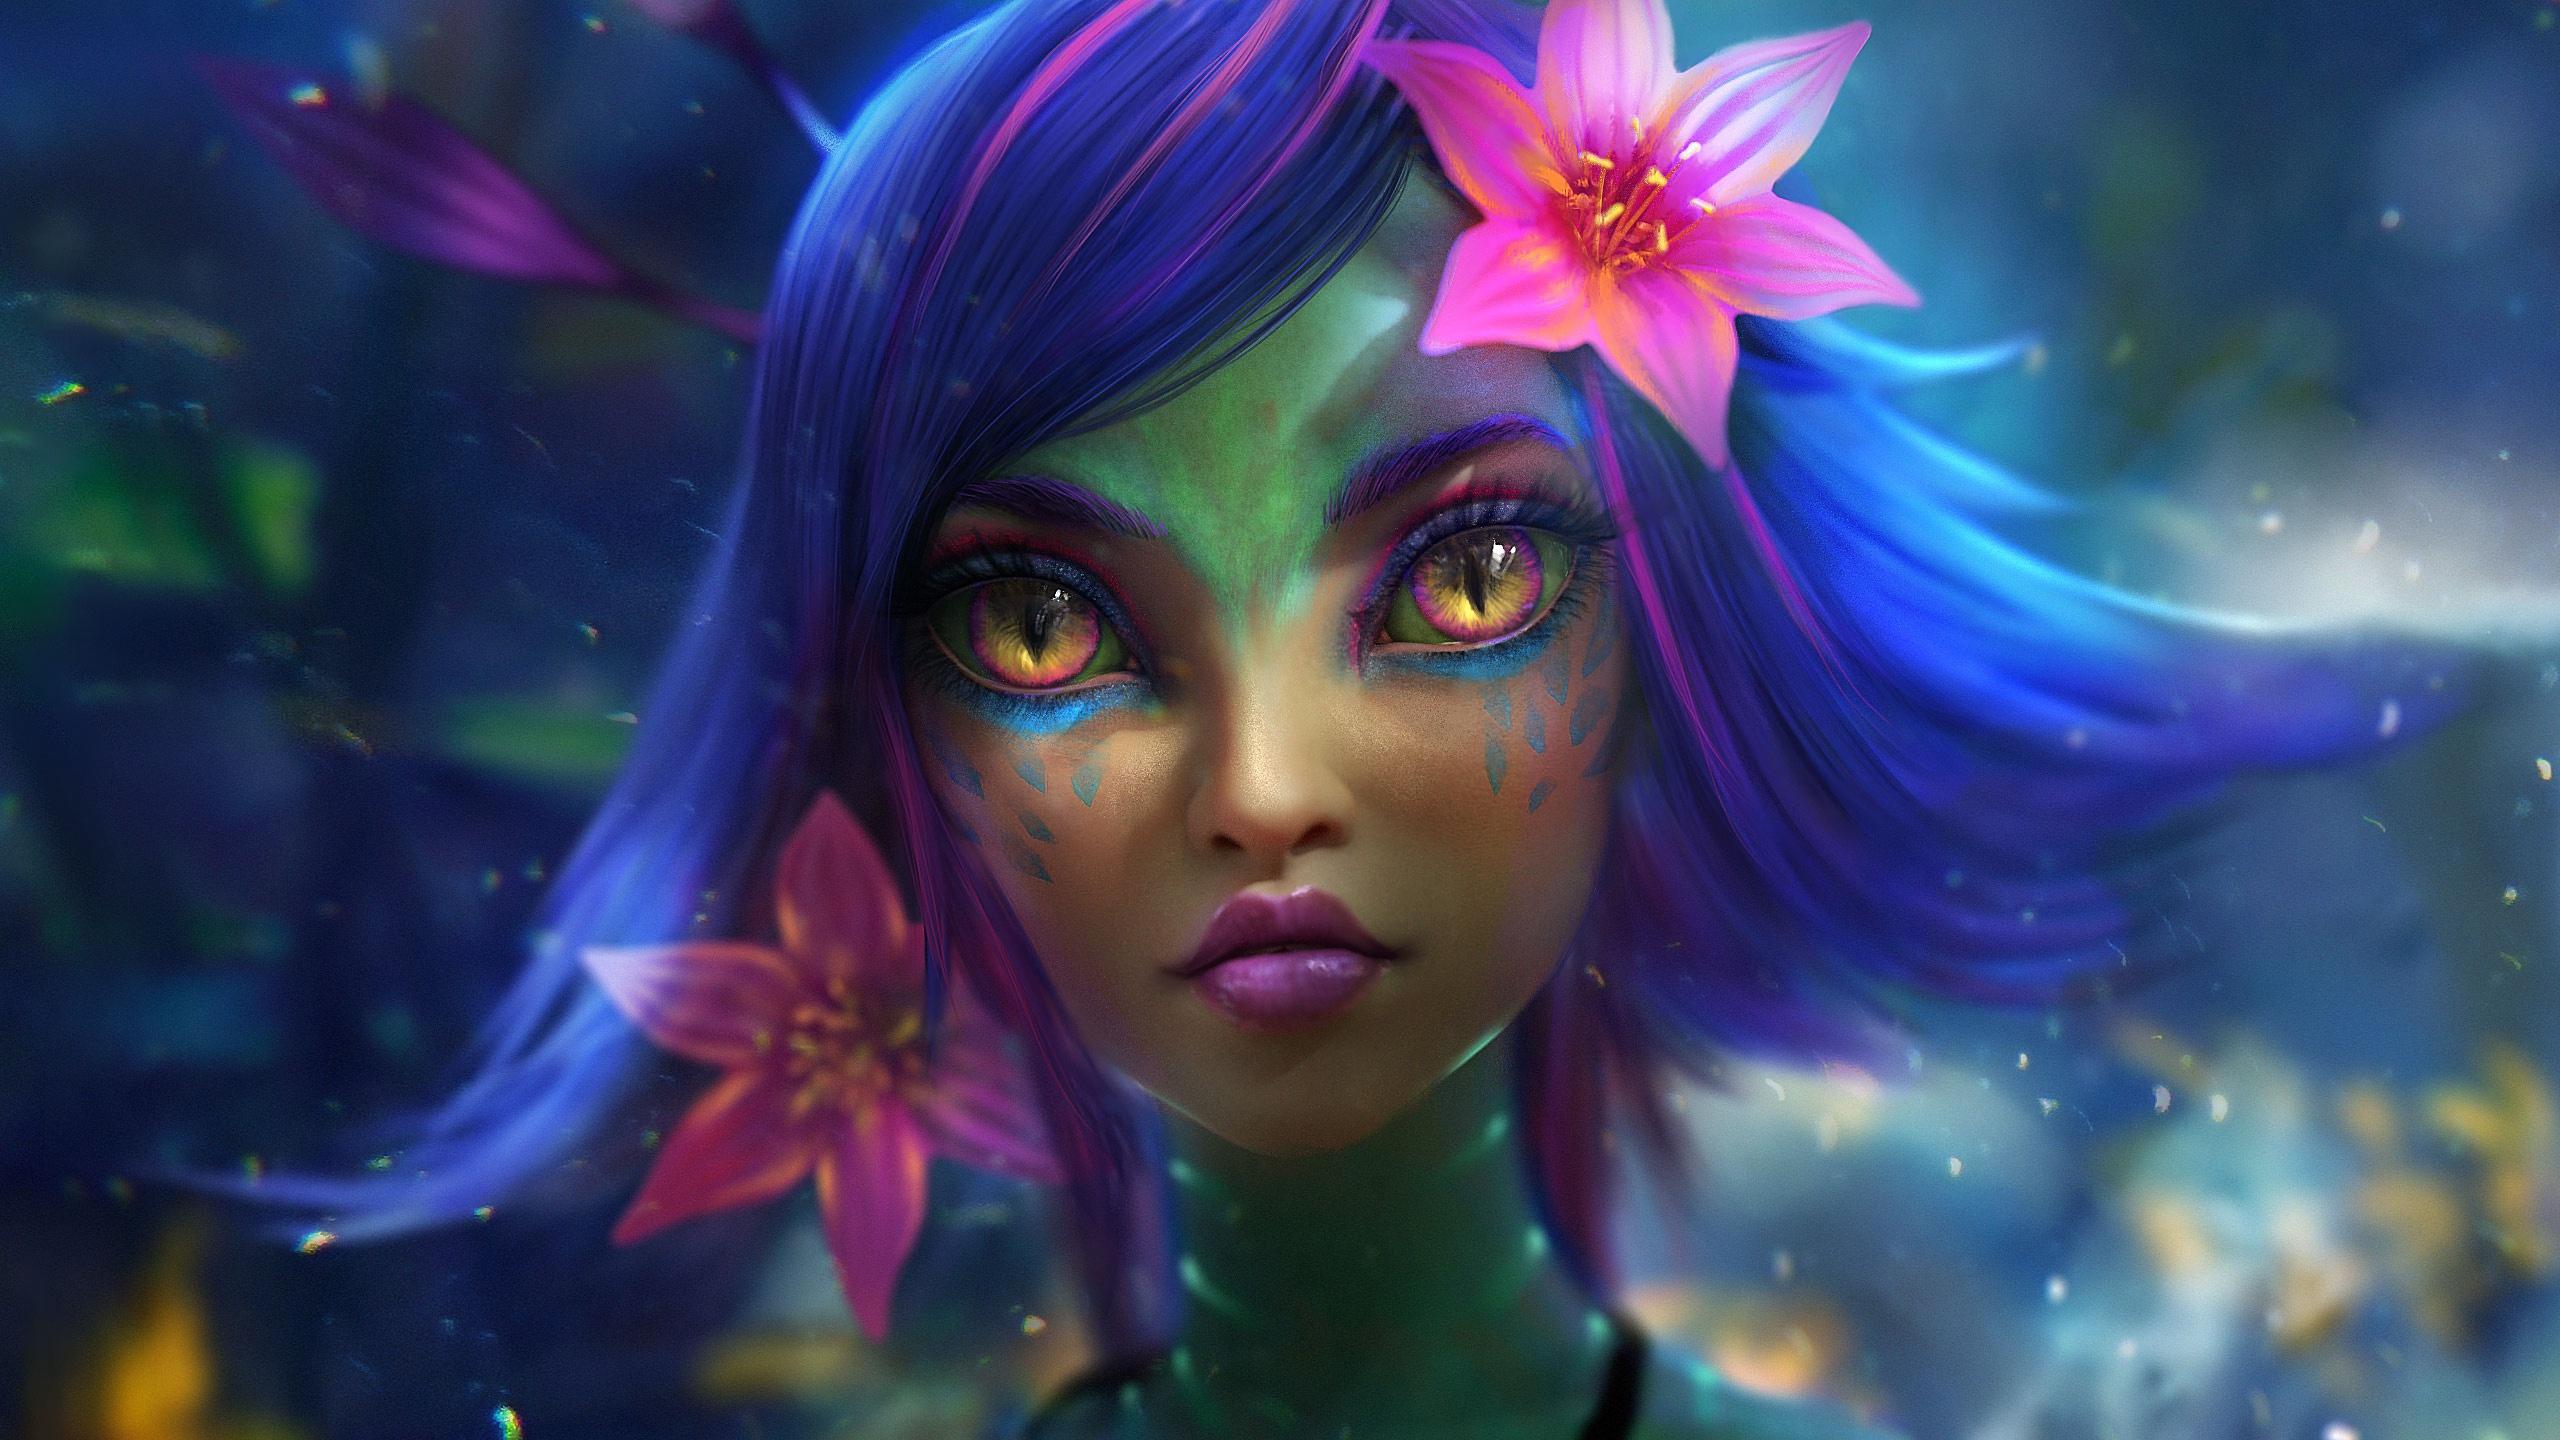 artwork fantasy girl fantasy art flower in hair neeko blue hair